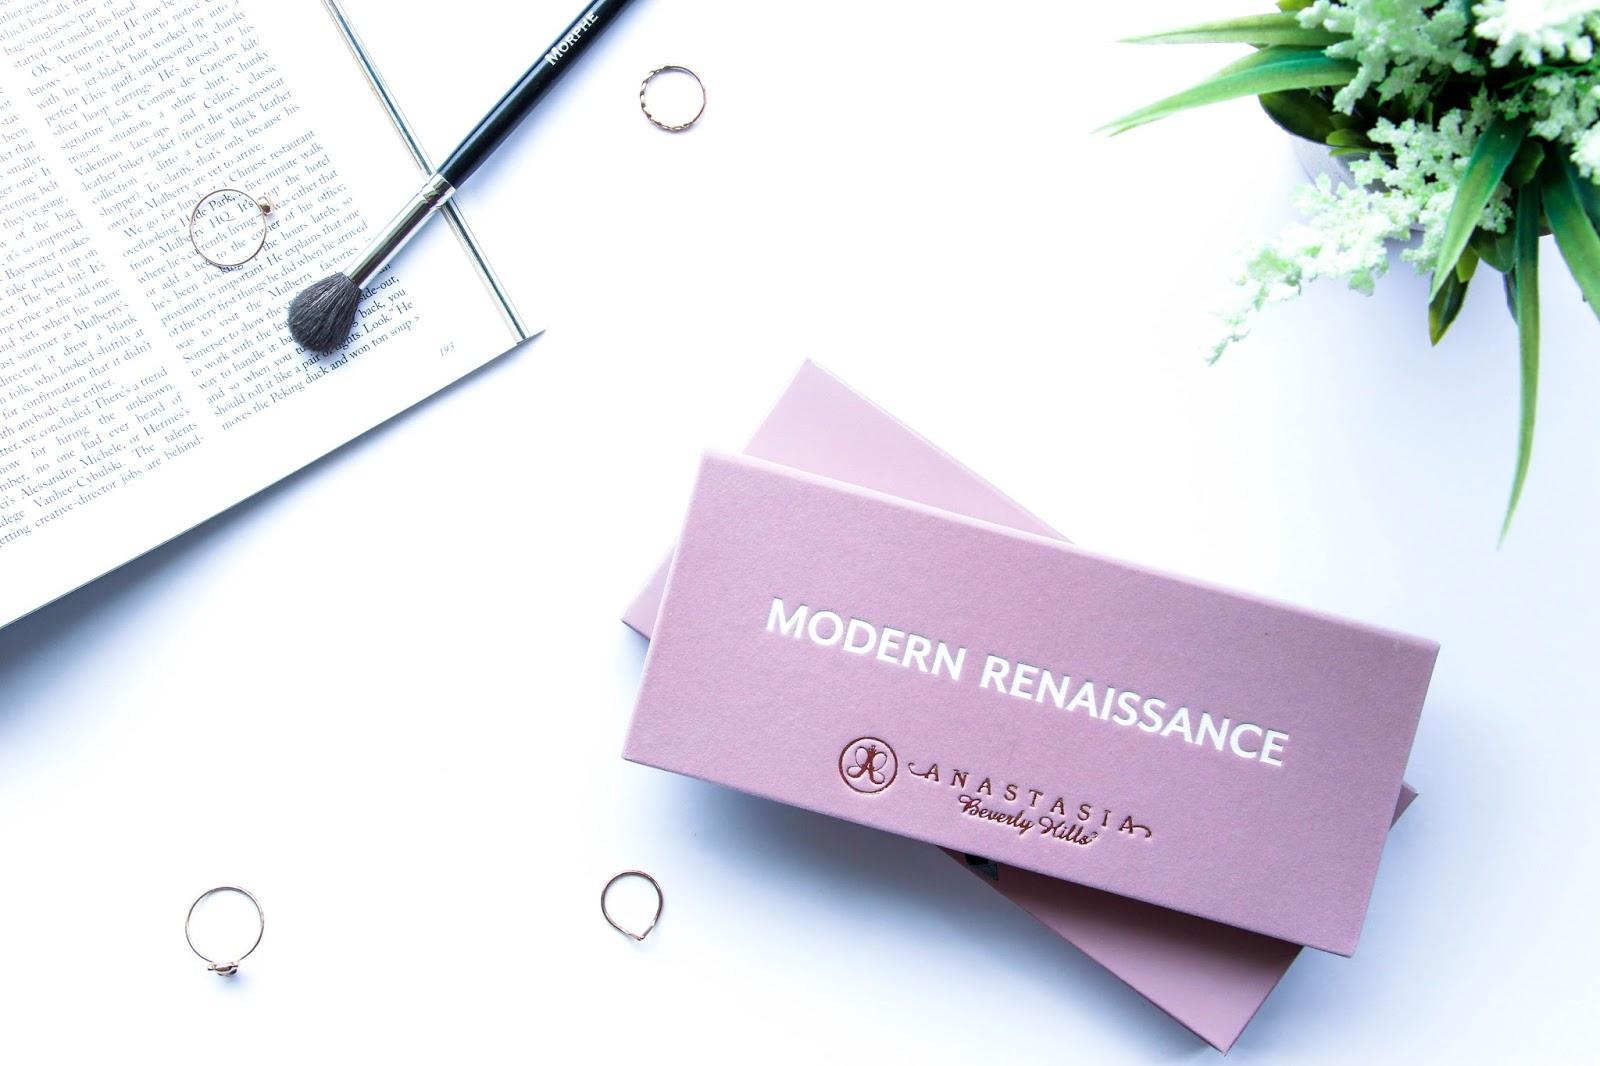 Anastasia_Beverly_Hills_Modern_Renaissance_Palette